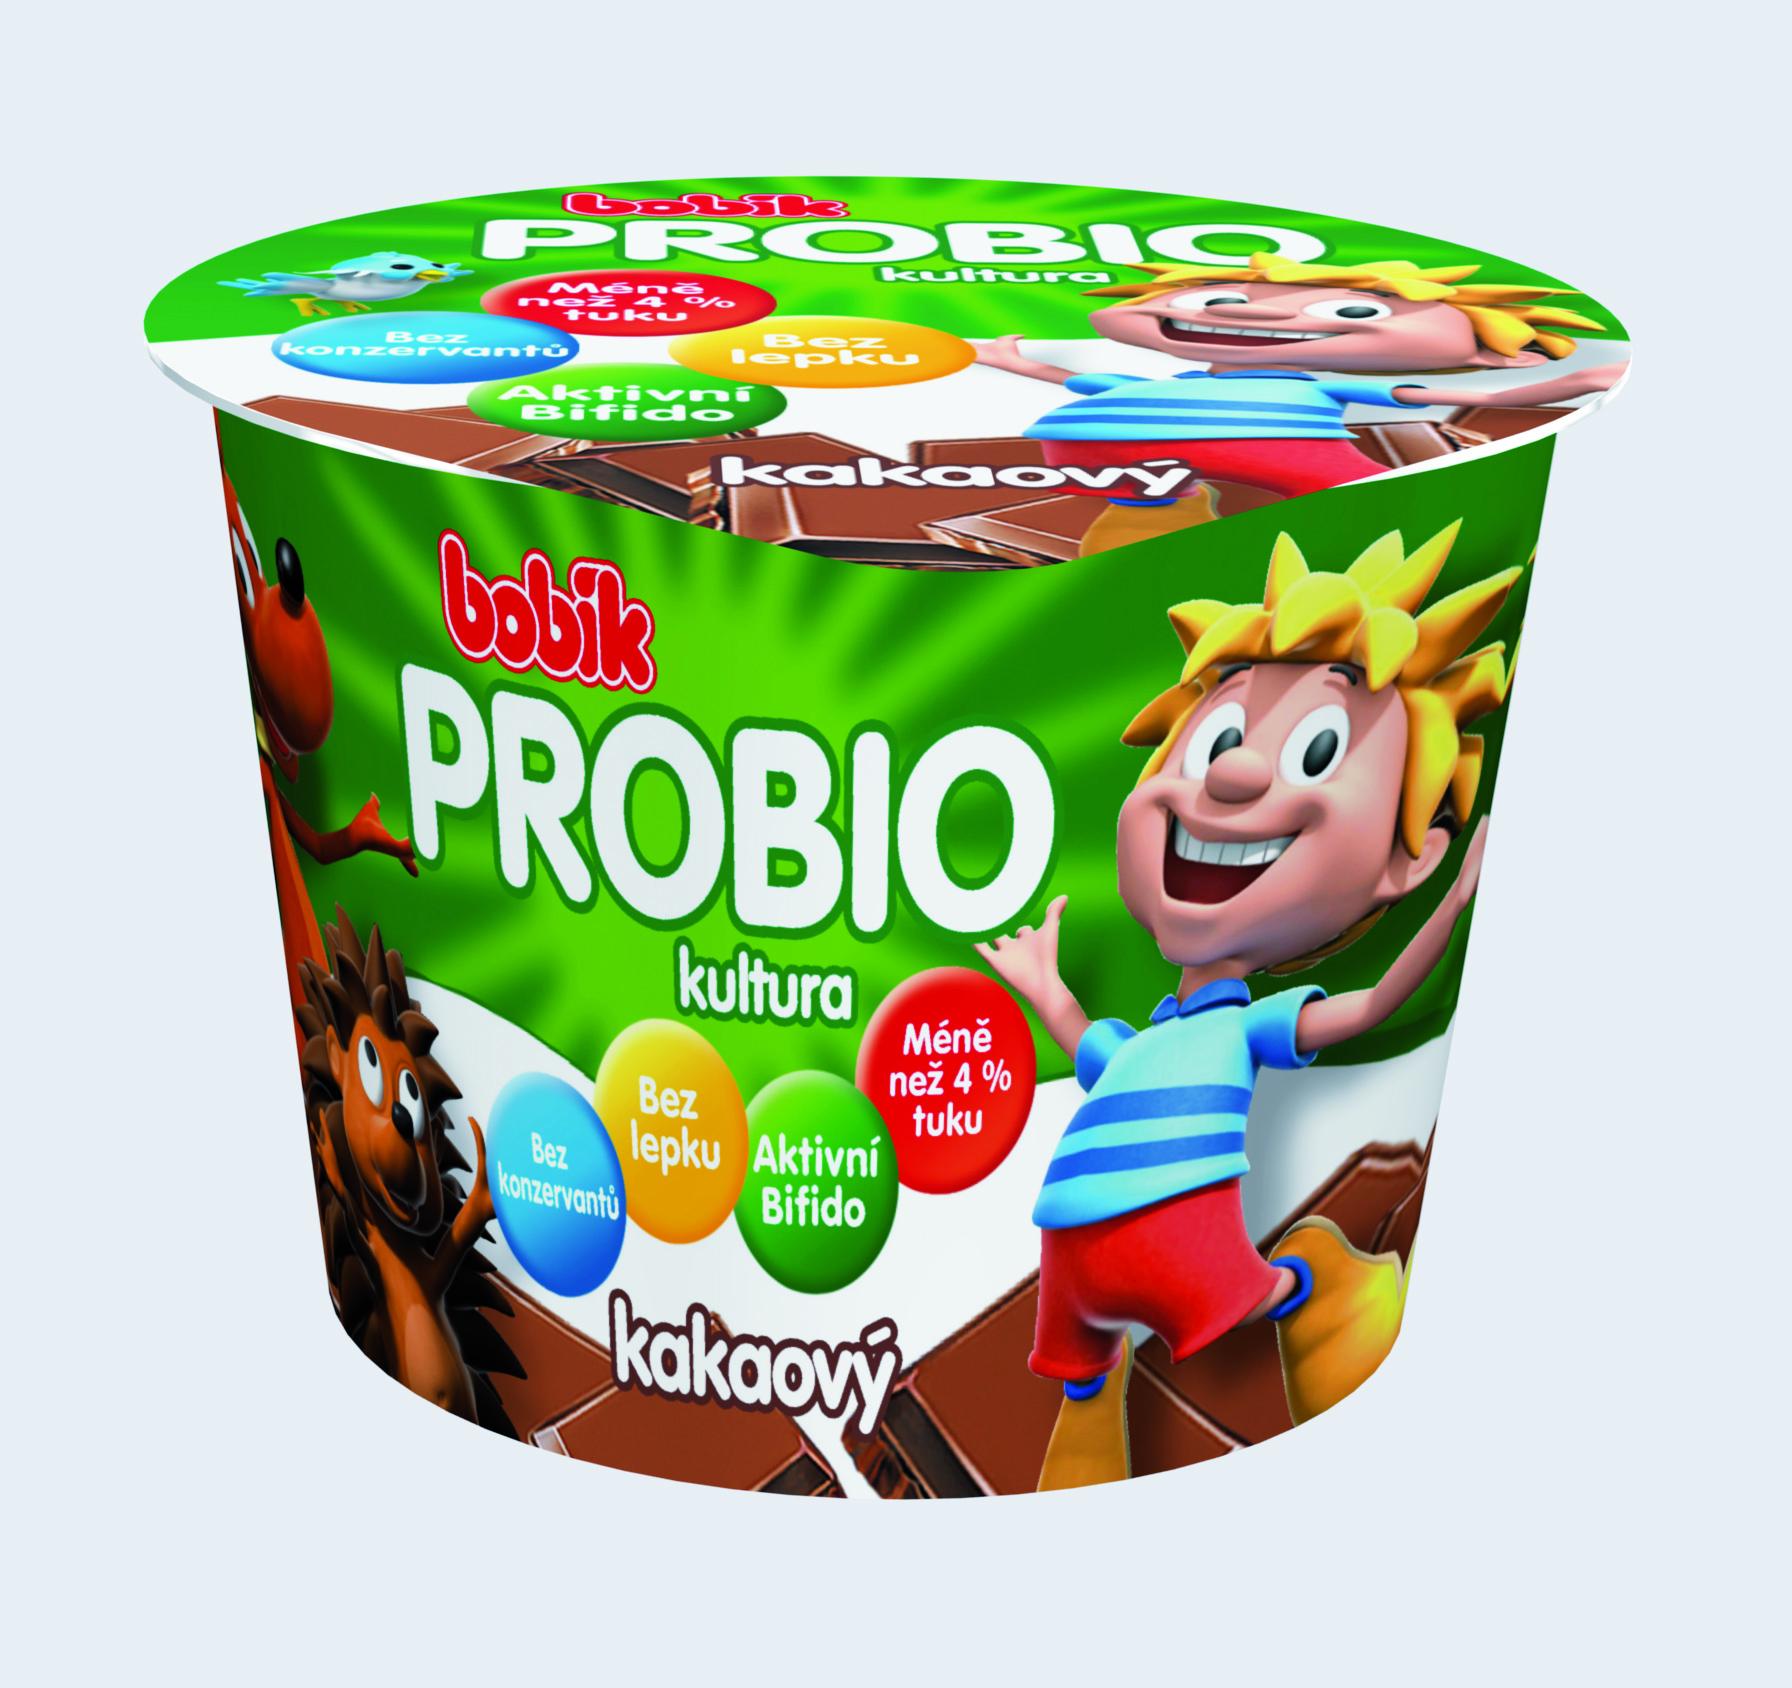 Značka Bobík ProBio kakaový